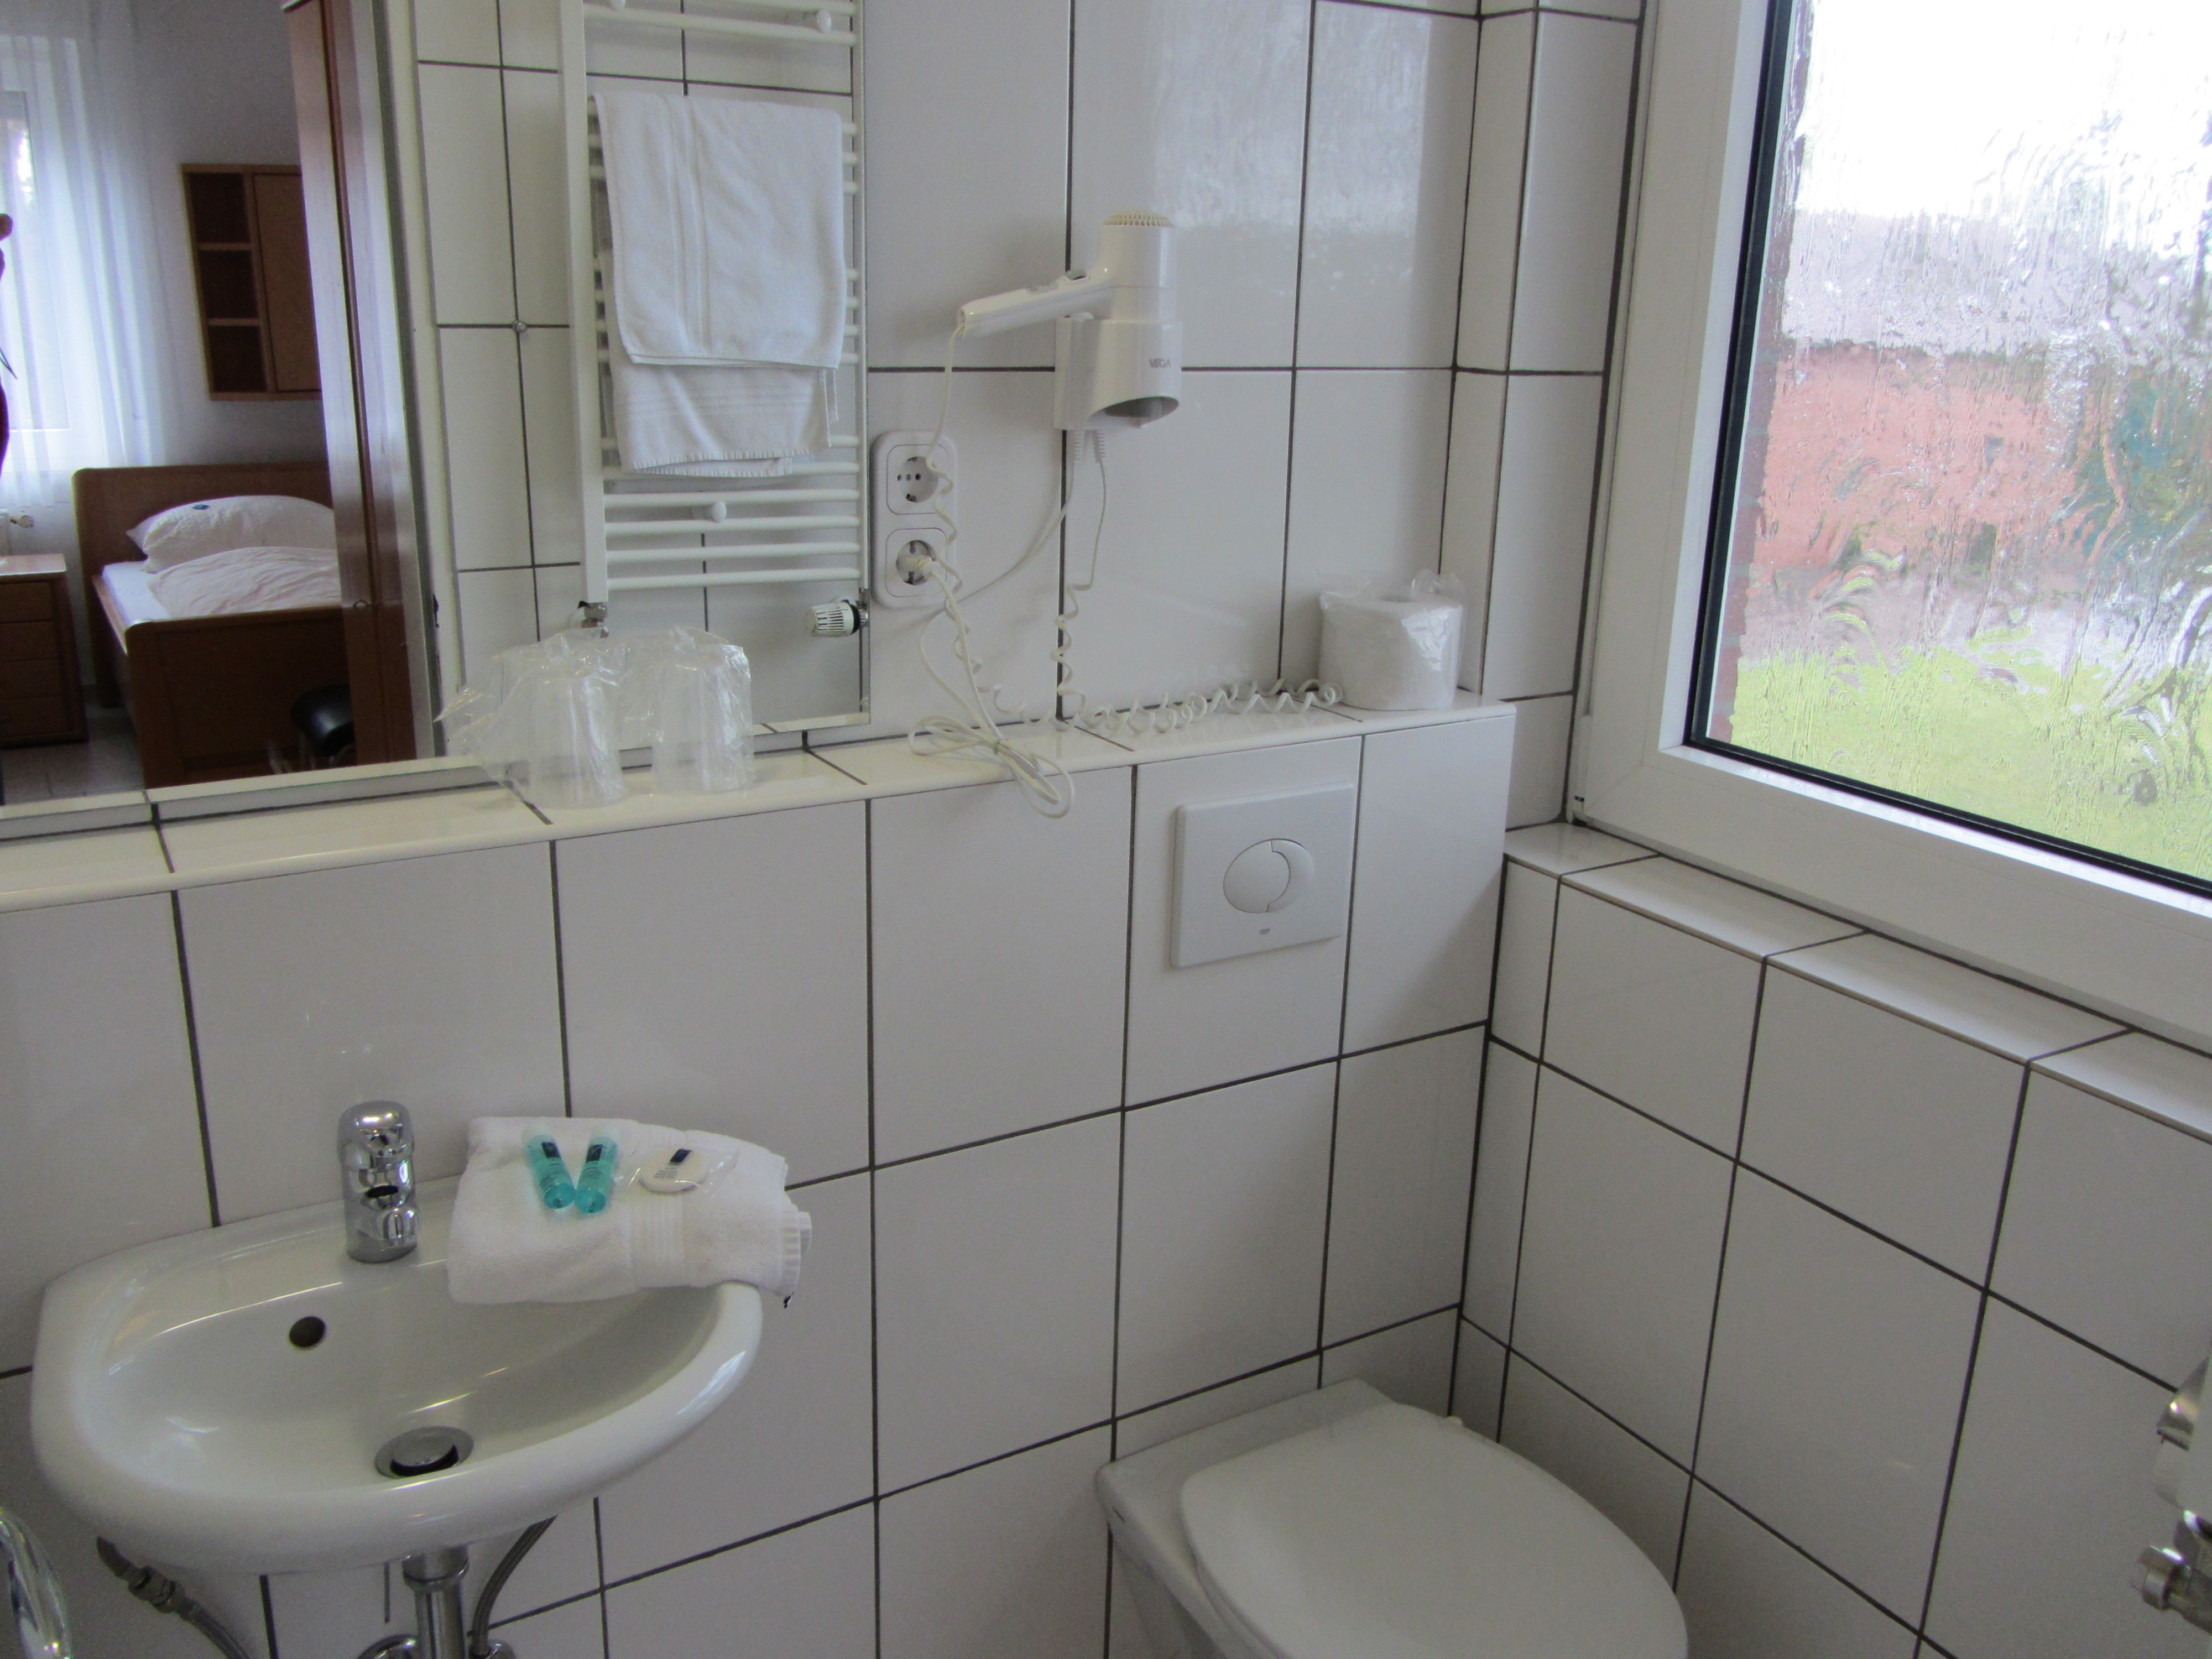 Doppelzimmer mit eigenem Bad - Damit Sie nicht mehr Schlange stehen müssen